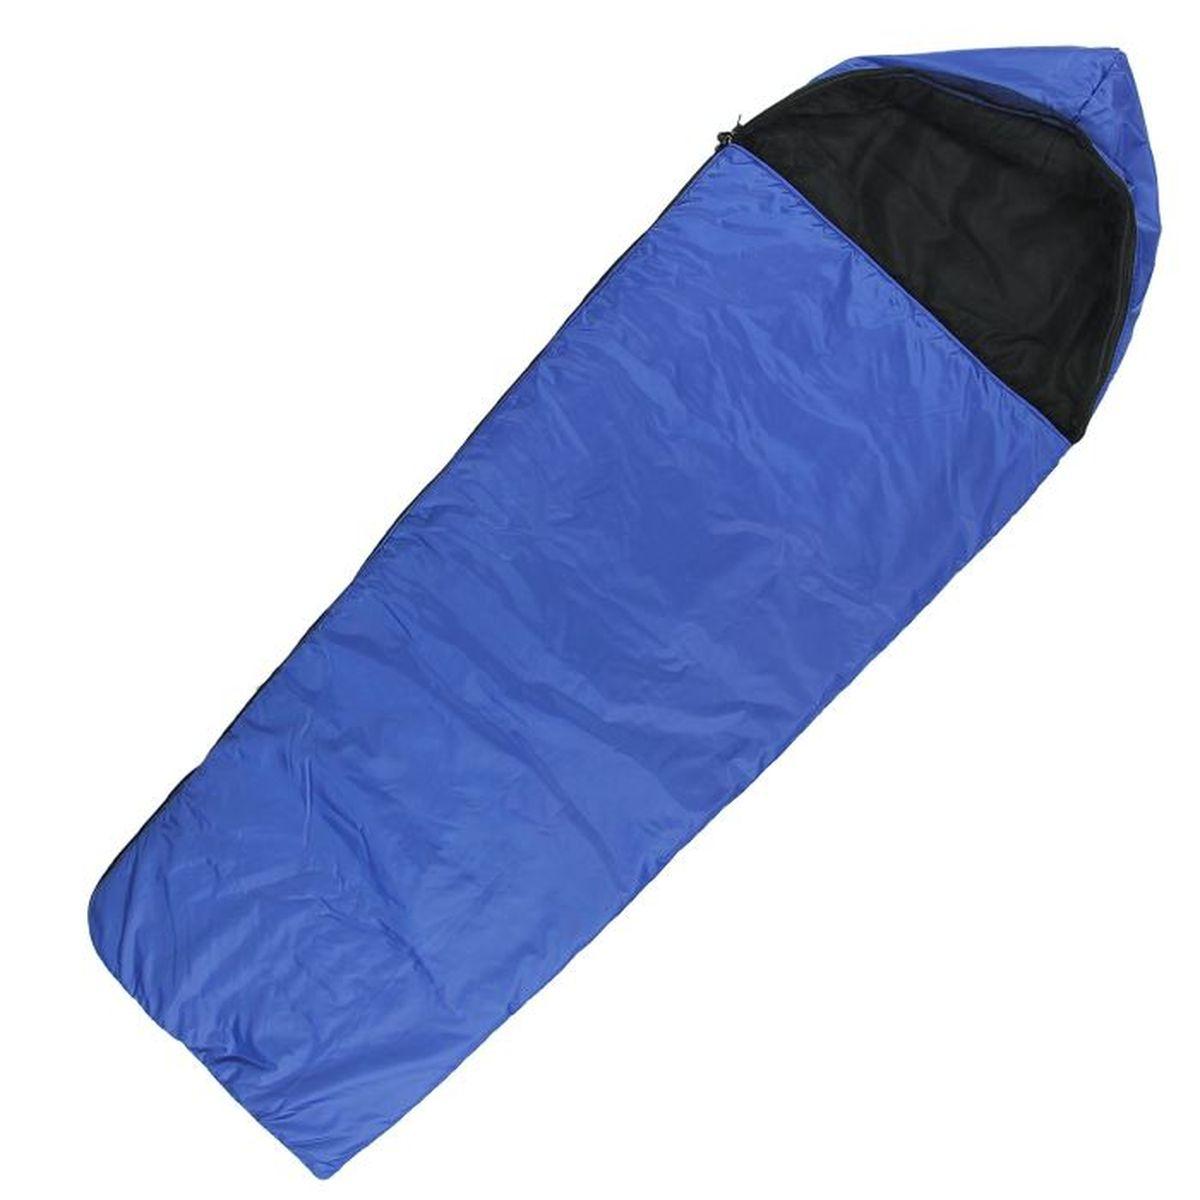 Мешок спальный Onlitop Люкс, цвет: синий, правосторонняя молния1135989Комфортный, просторный и очень теплый 3-х сезонный спальник Onlitop Люкс предназначен для походов и для отдыха на природе не только в летнее время, но и в прохладные дни весенне-осеннего периода. В теплое время спальный мешок можно использовать как одеяло (в том числе и дома).Материал внешней ткани: Полиэстер (Taffeta 210Т).Материал внутренней ткани: Полиэстер (Taffeta 210Т).Вес: 1.47 кг.Размер мешка: 225 х 70 см.Размеры в свернутом виде: 45 x 26 см.